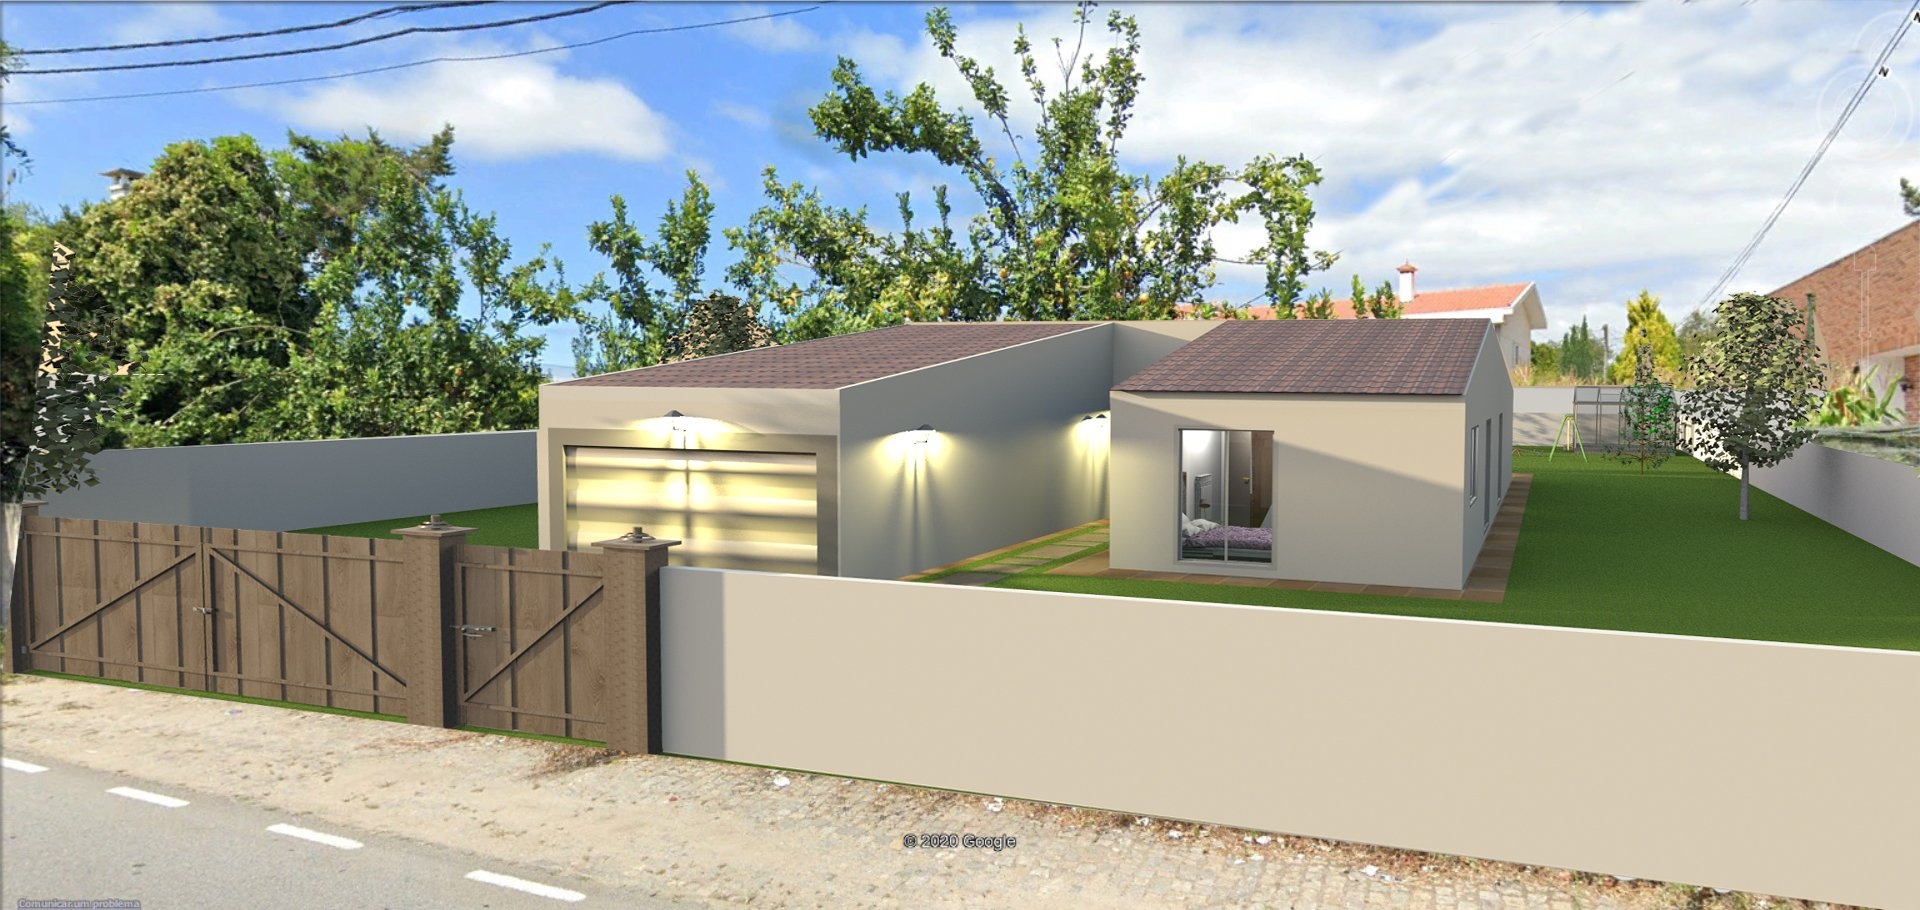 Terreno 858m2 para construção de moradia, Ribeirão, Vila Nova Famalicão